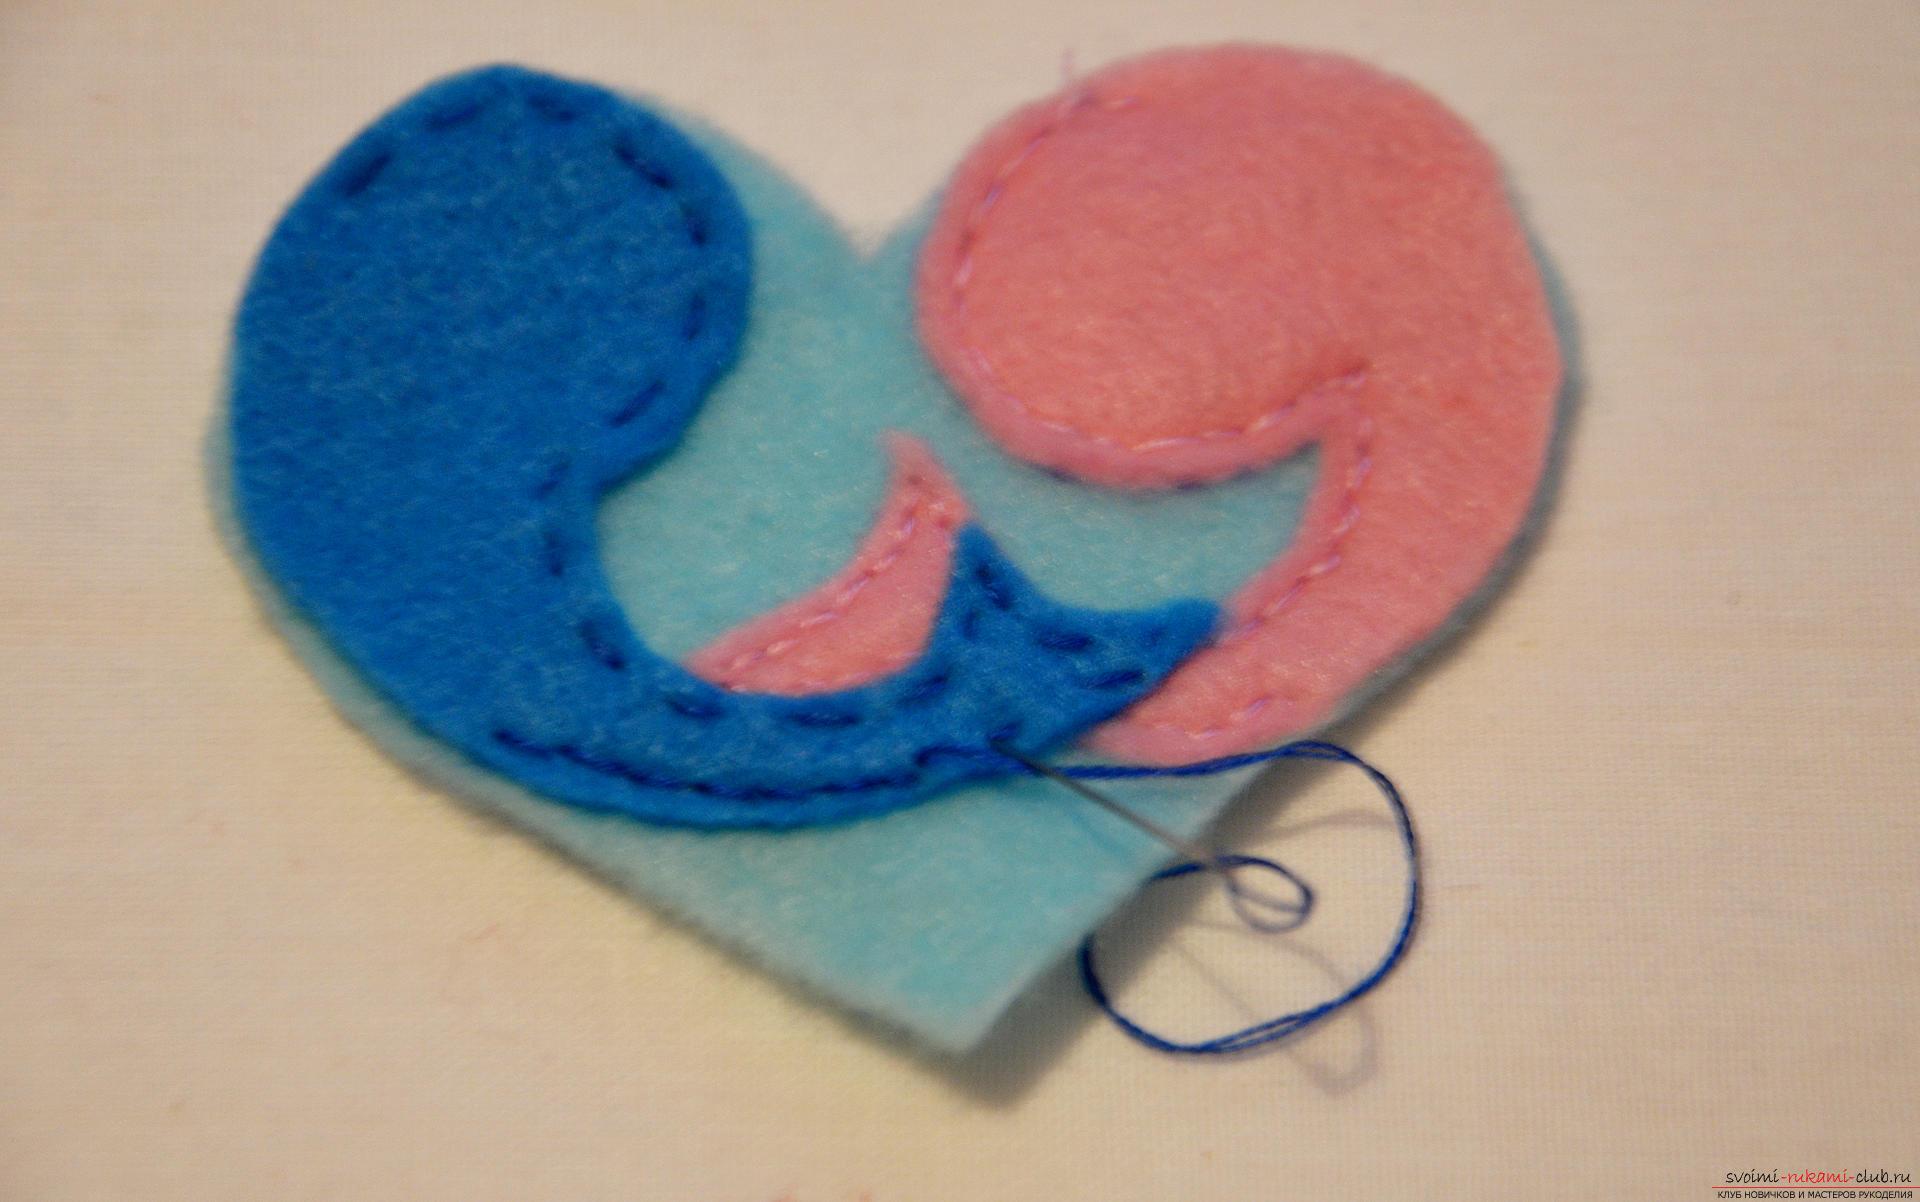 Deze masterclass leert op 14 februari hoe de originele valentines te naaien - vis uit vilt. Foto # 6